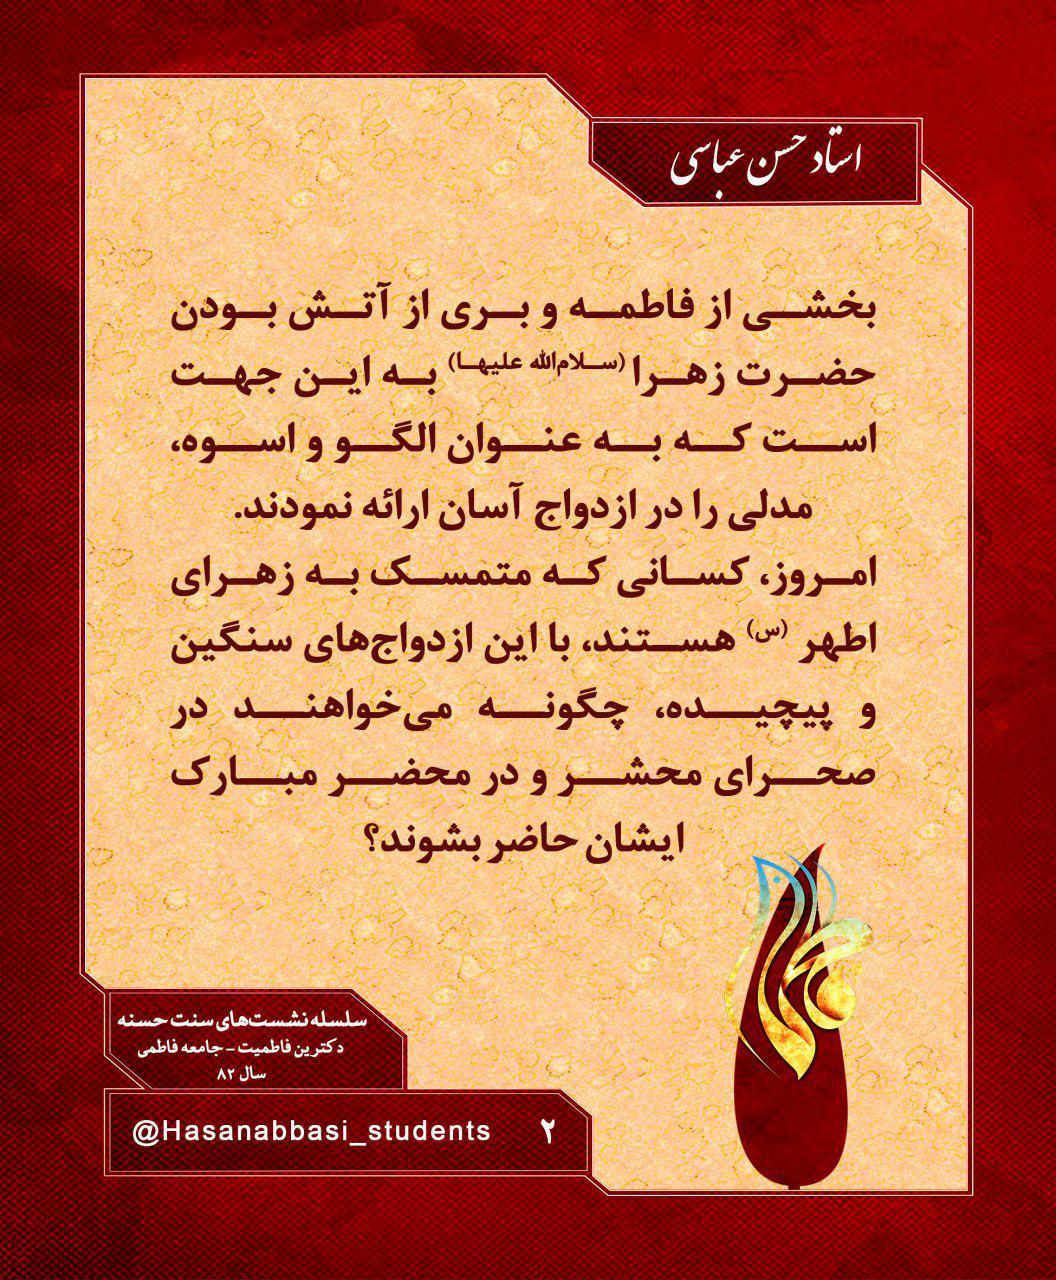 بخشی از فاطمه و بری از آتش بودن حضرت زهرا(س) به این جهت است که به عنوان اسوه، مدلی را در ازدواج آسان ارائه نمودند.